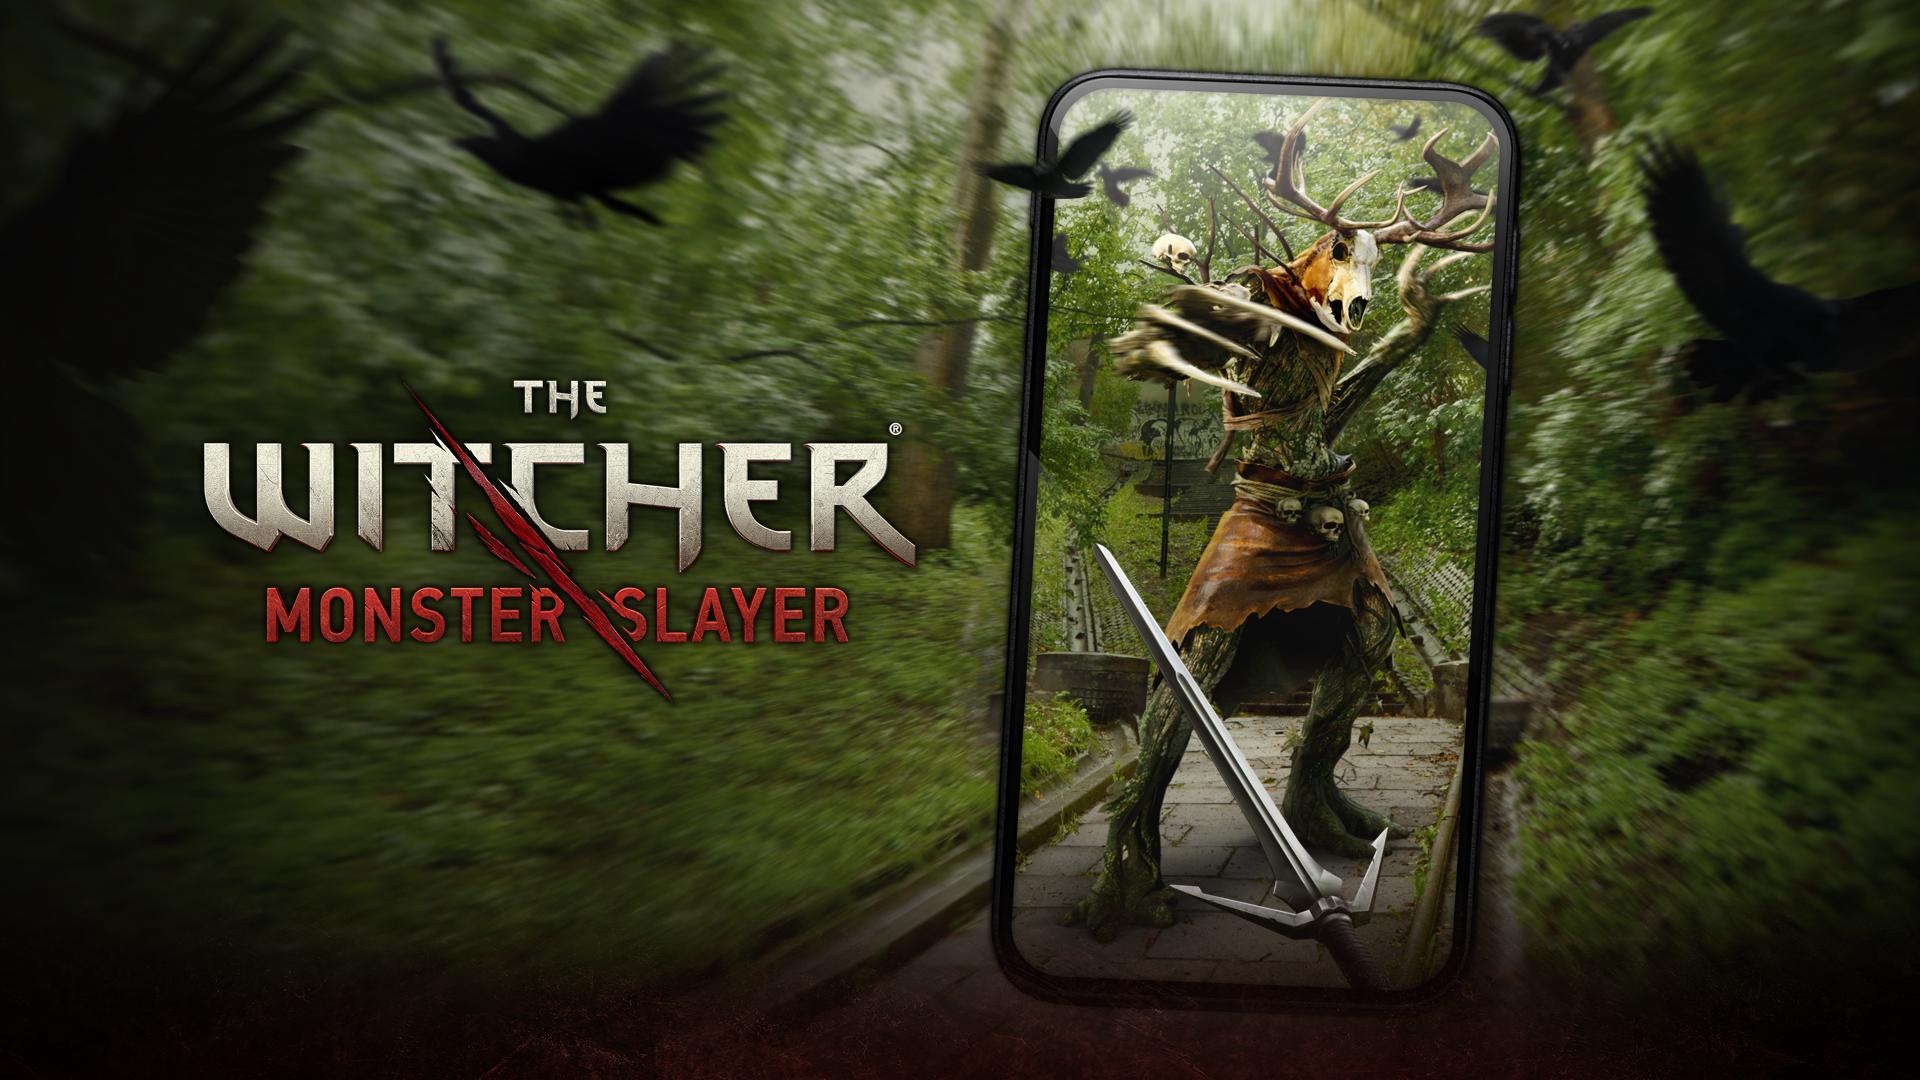 Мобильная AR-игра The Witcher: Monster Slayer выйдет 21 июля